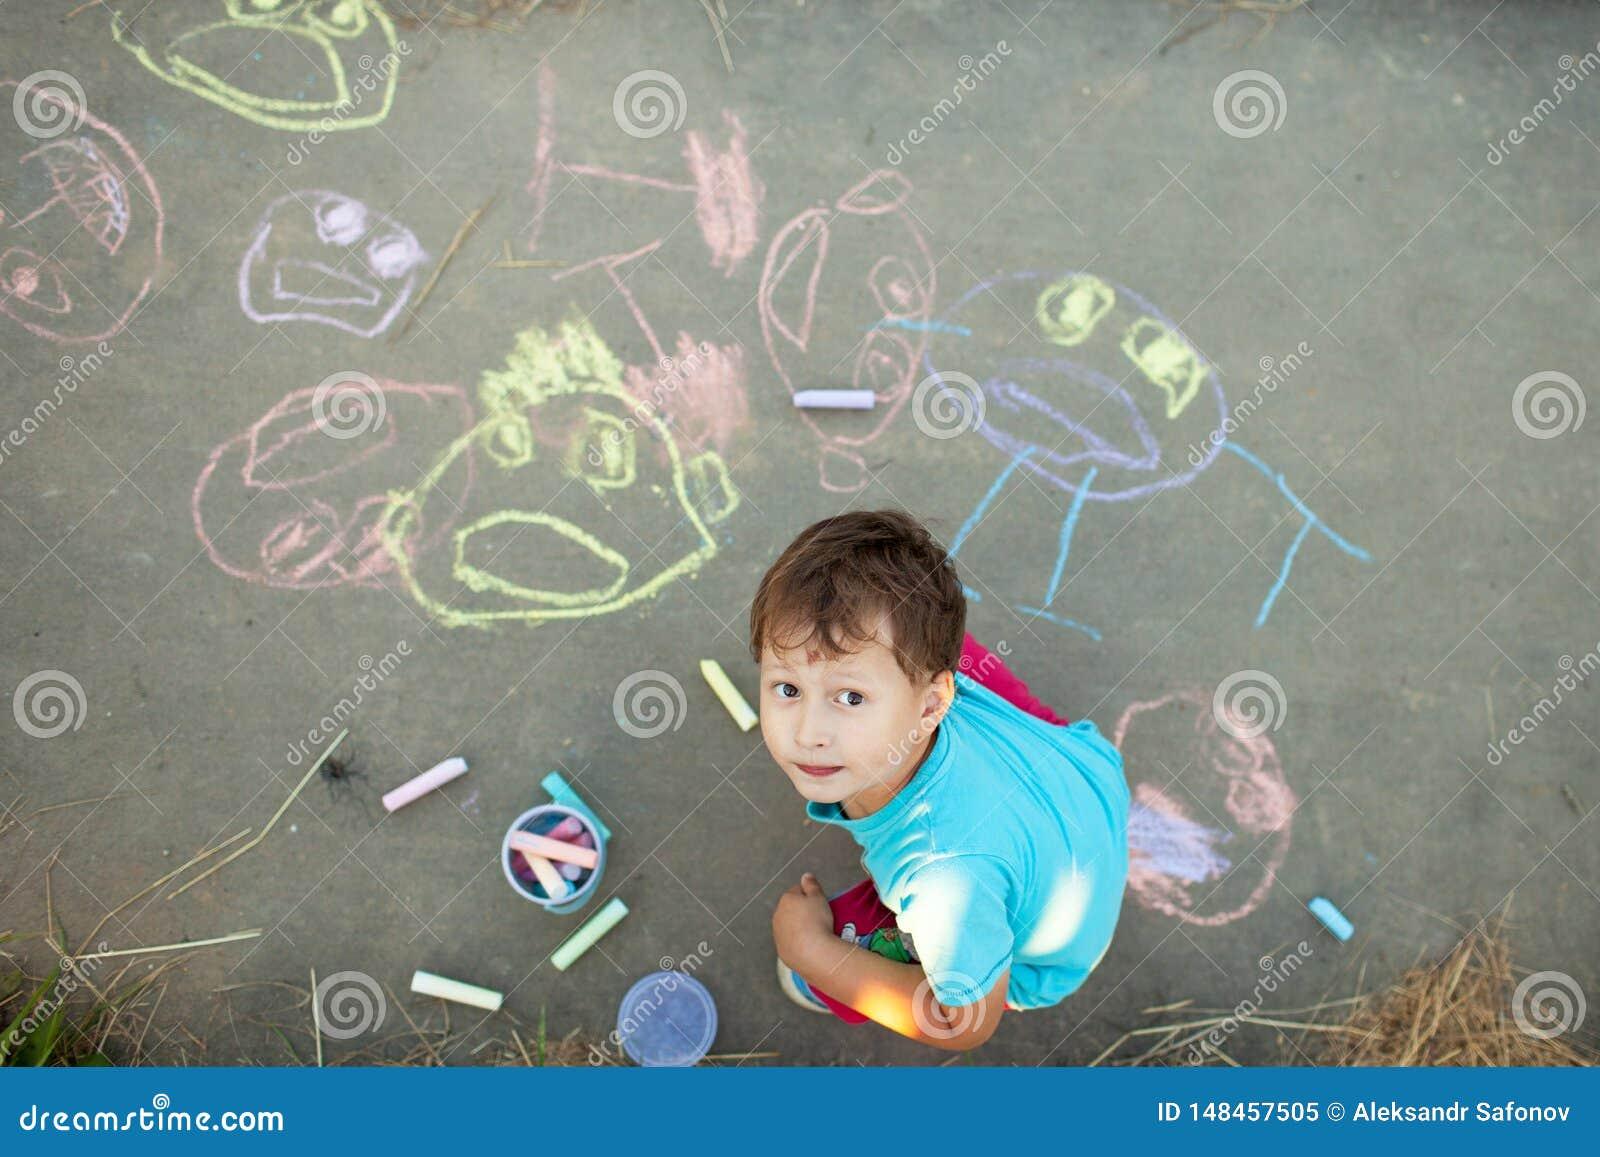 Le garçon dessine avec la craie sur le trottoir